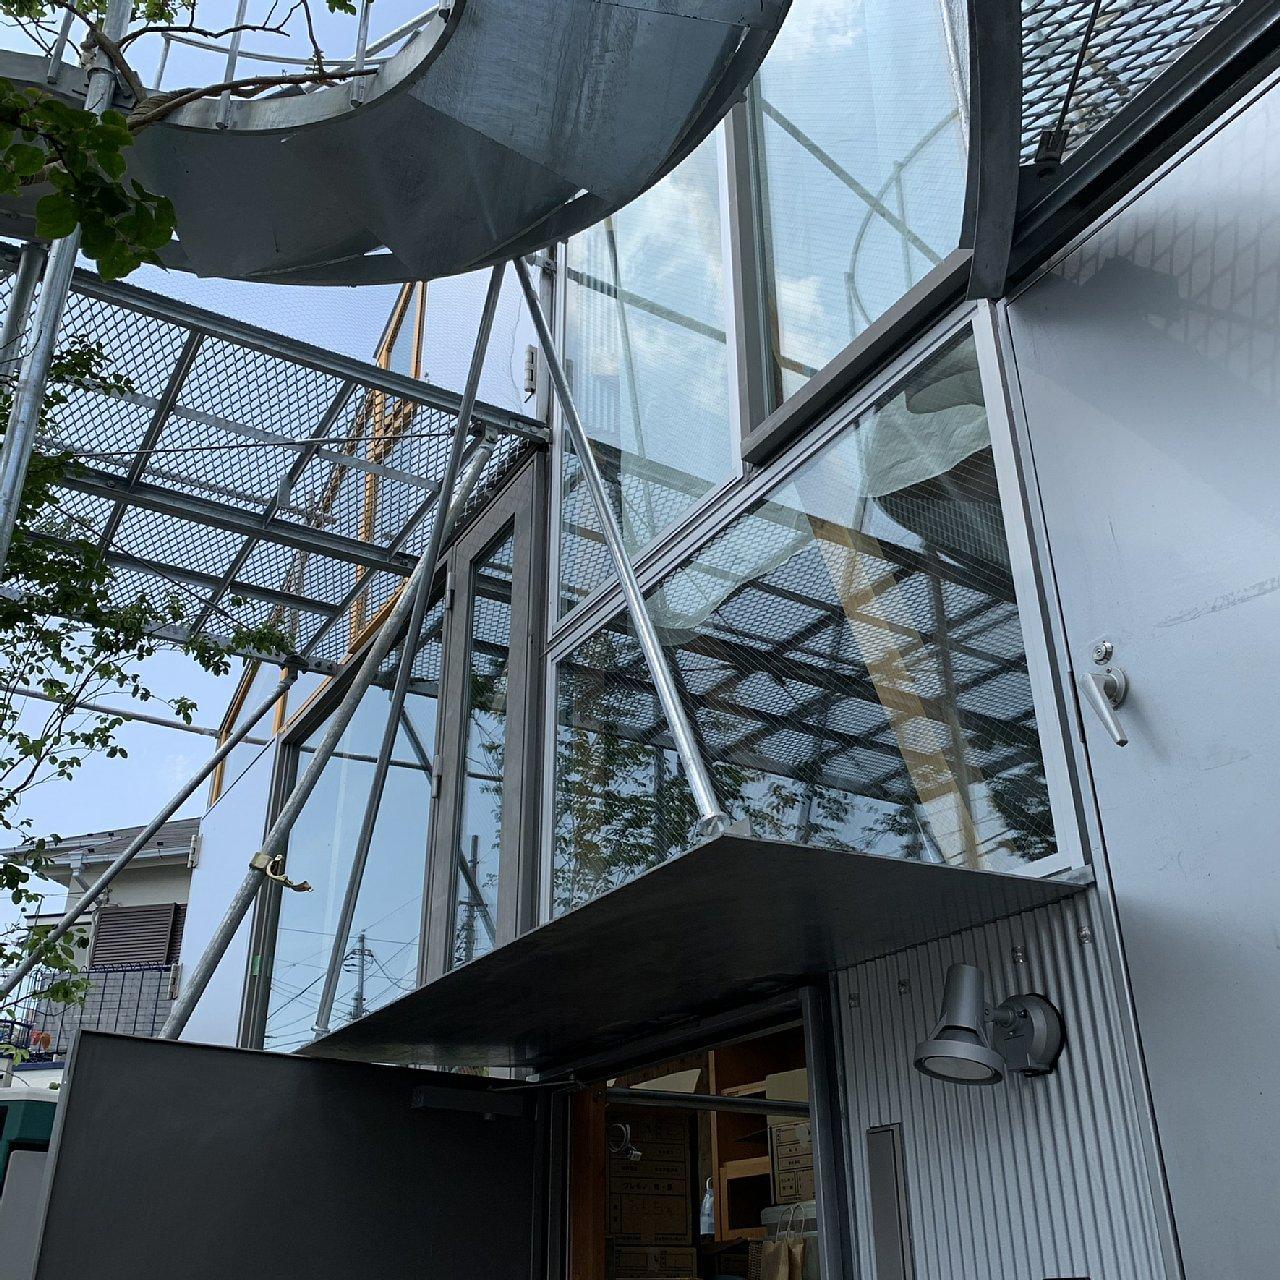 新建築 住宅特集 2019年8月号にD邸が掲載されました!_d0157491_07580160.jpg